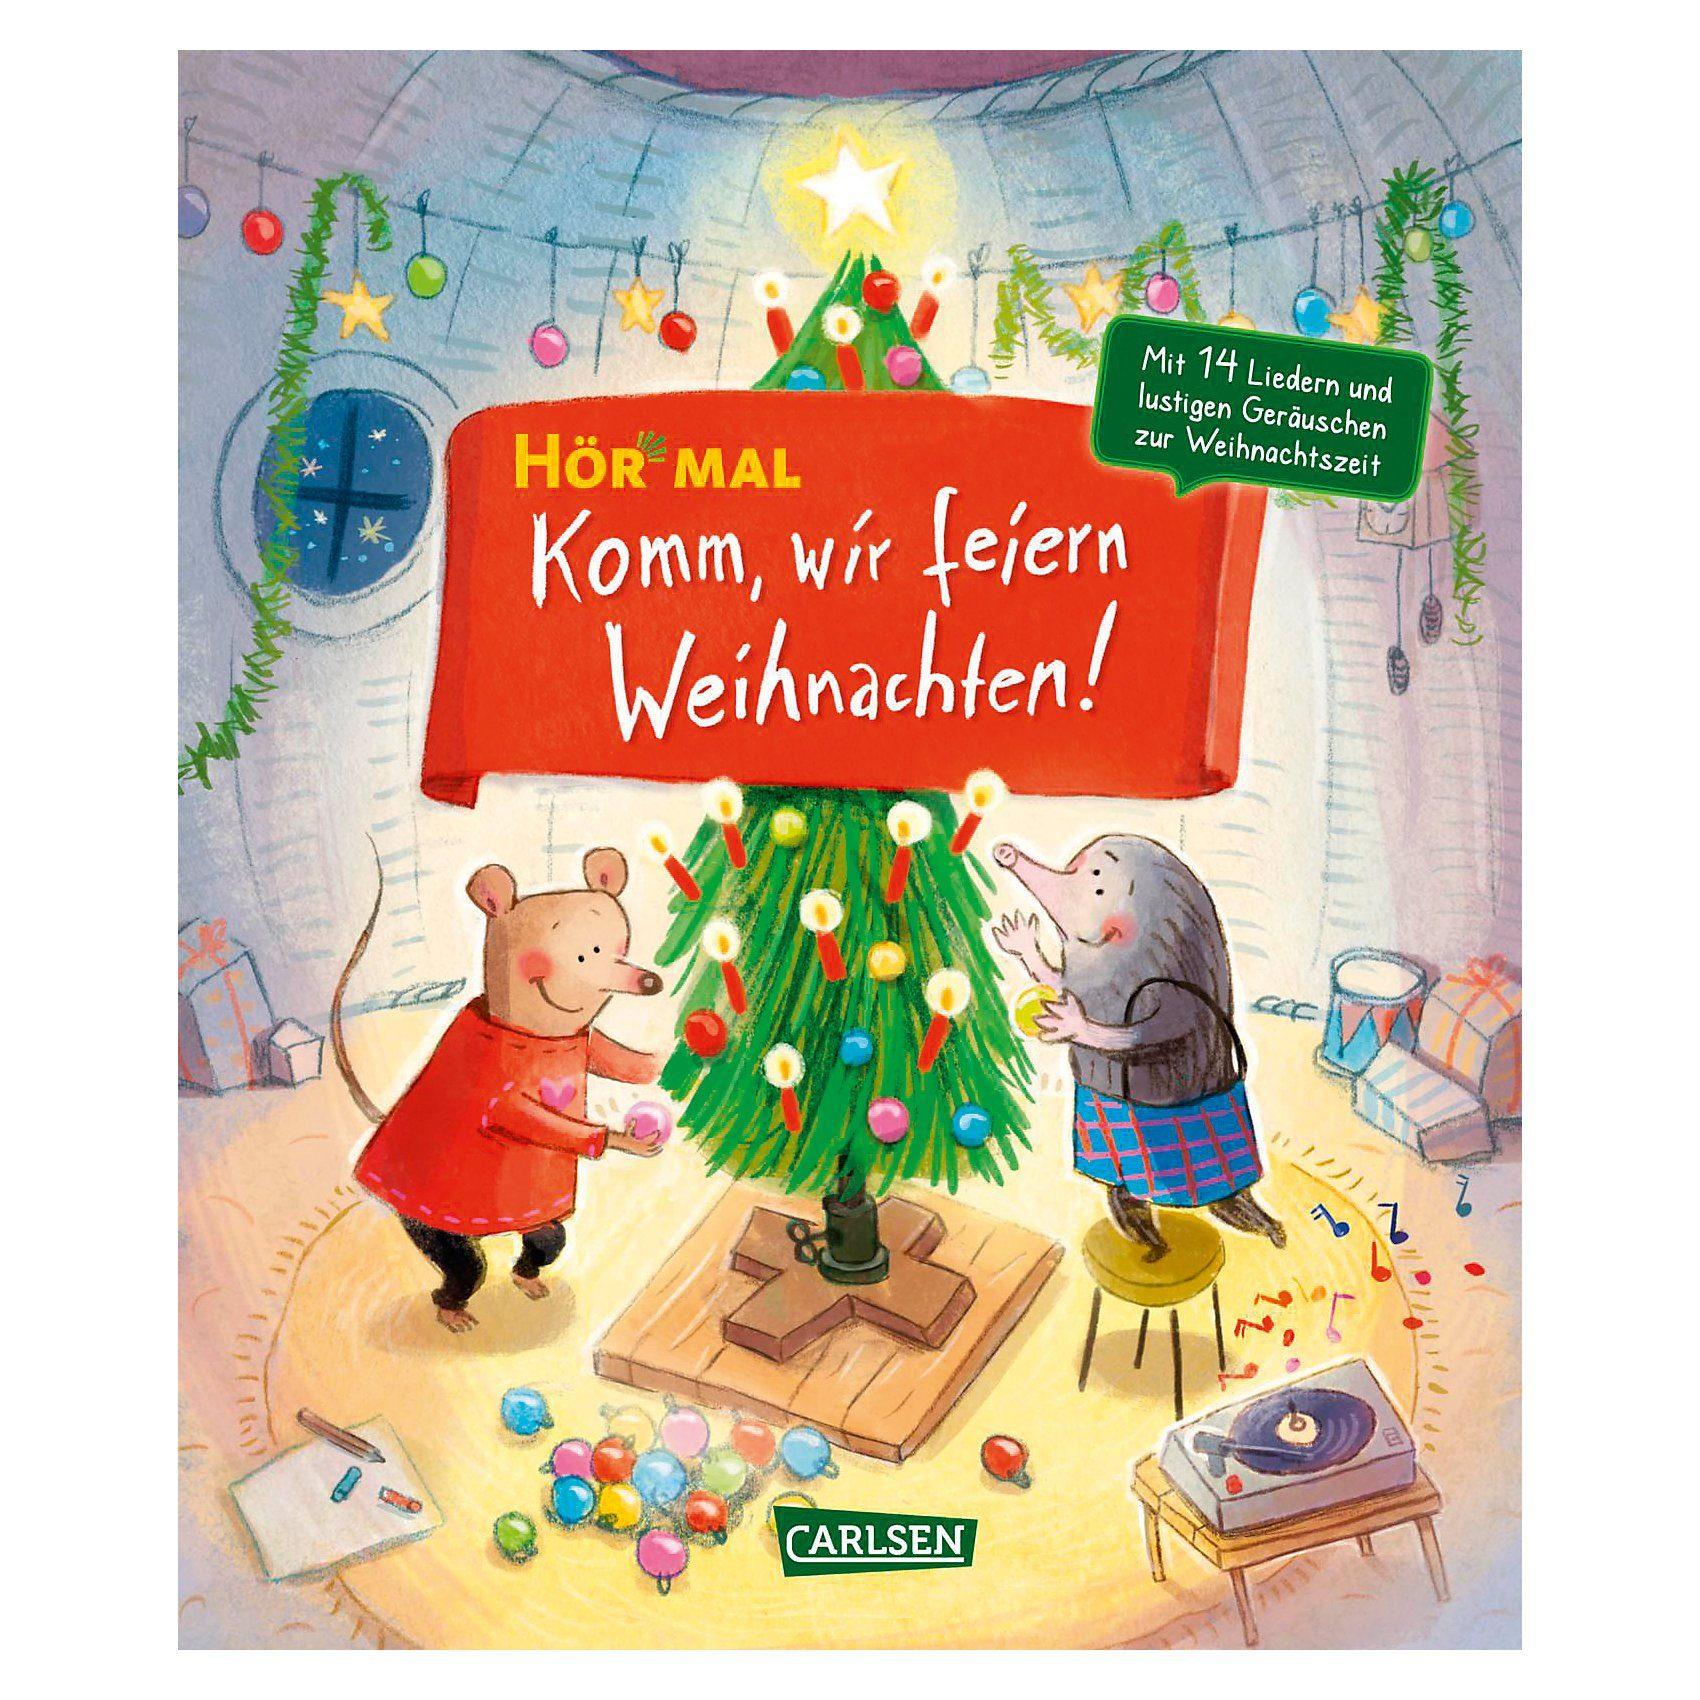 Carlsen Verlag Hör mal: Komm, wir feiern Weihnachten, Soundbuch mit Liedern